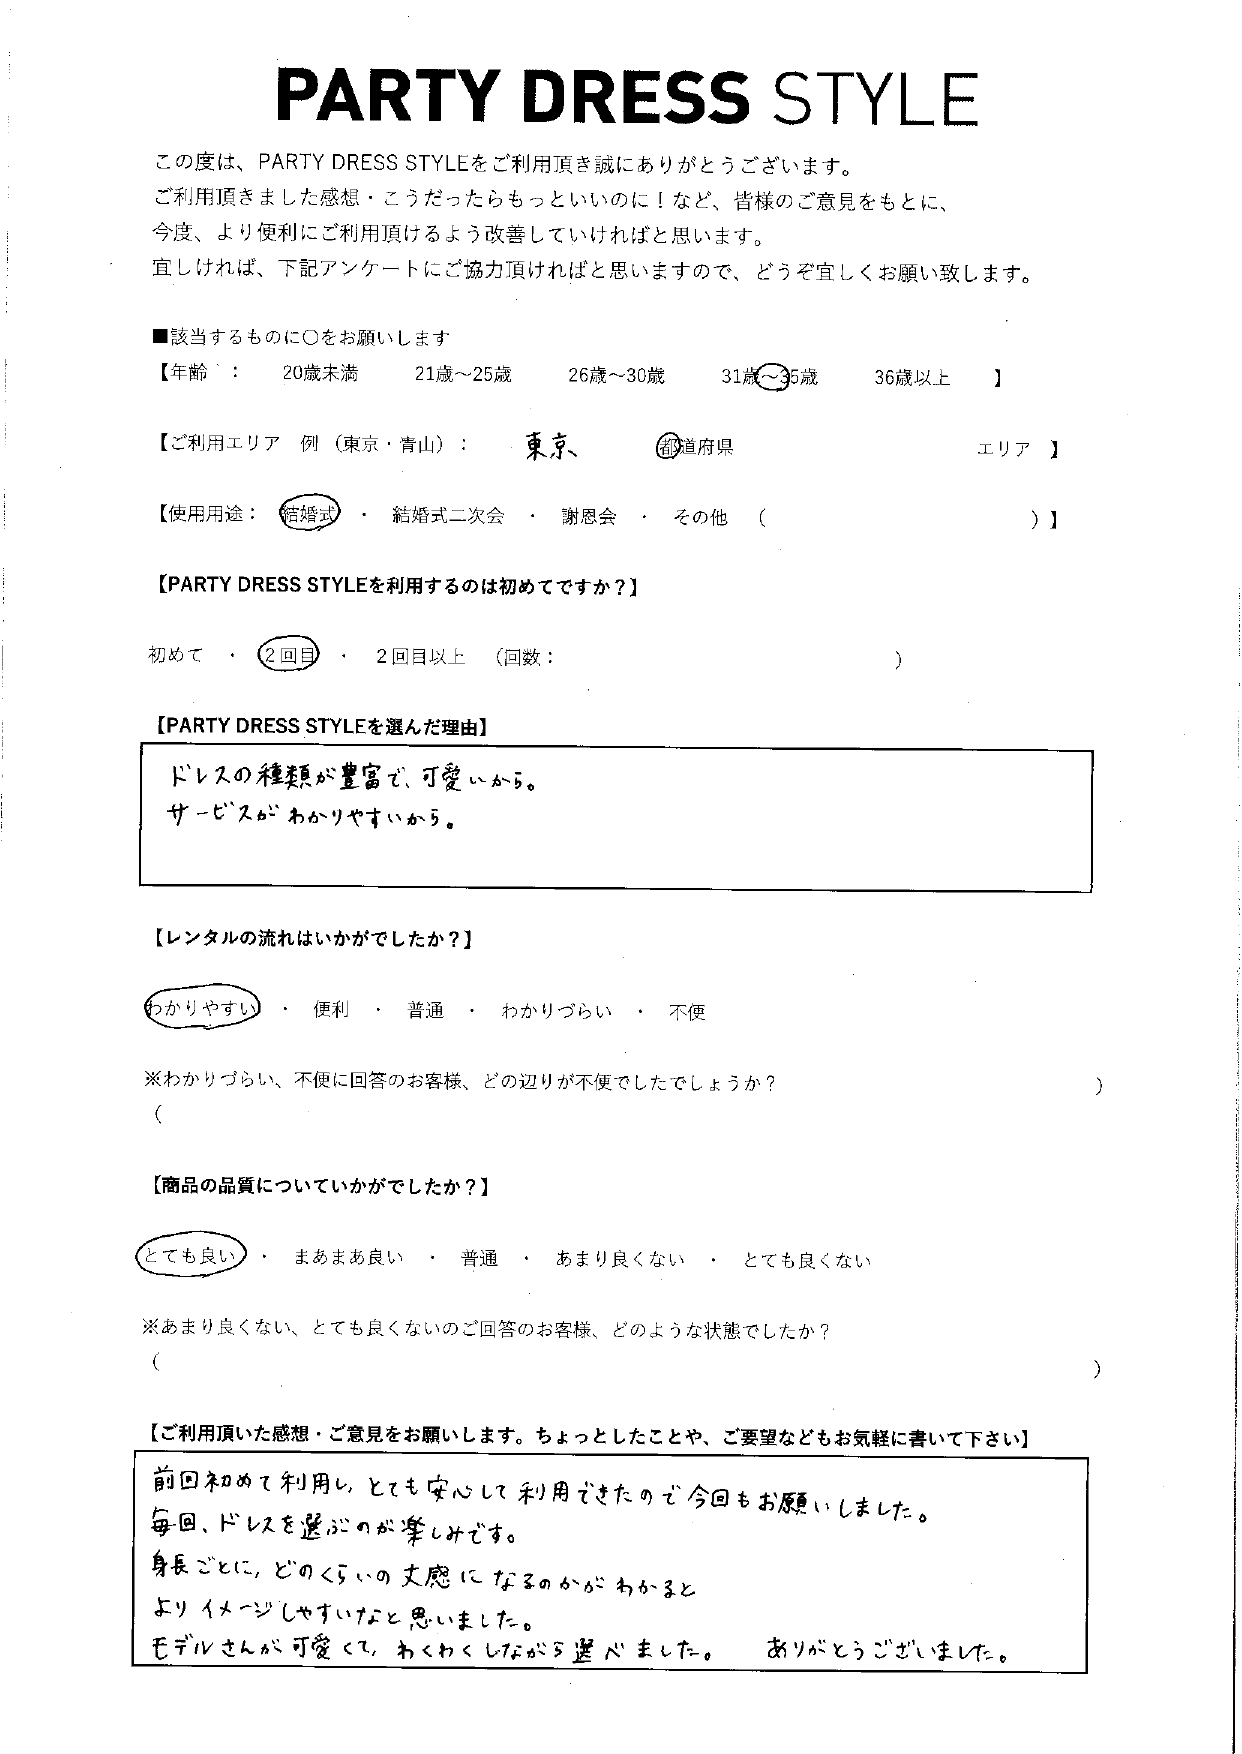 12/19結婚式ご利用 東京エリア